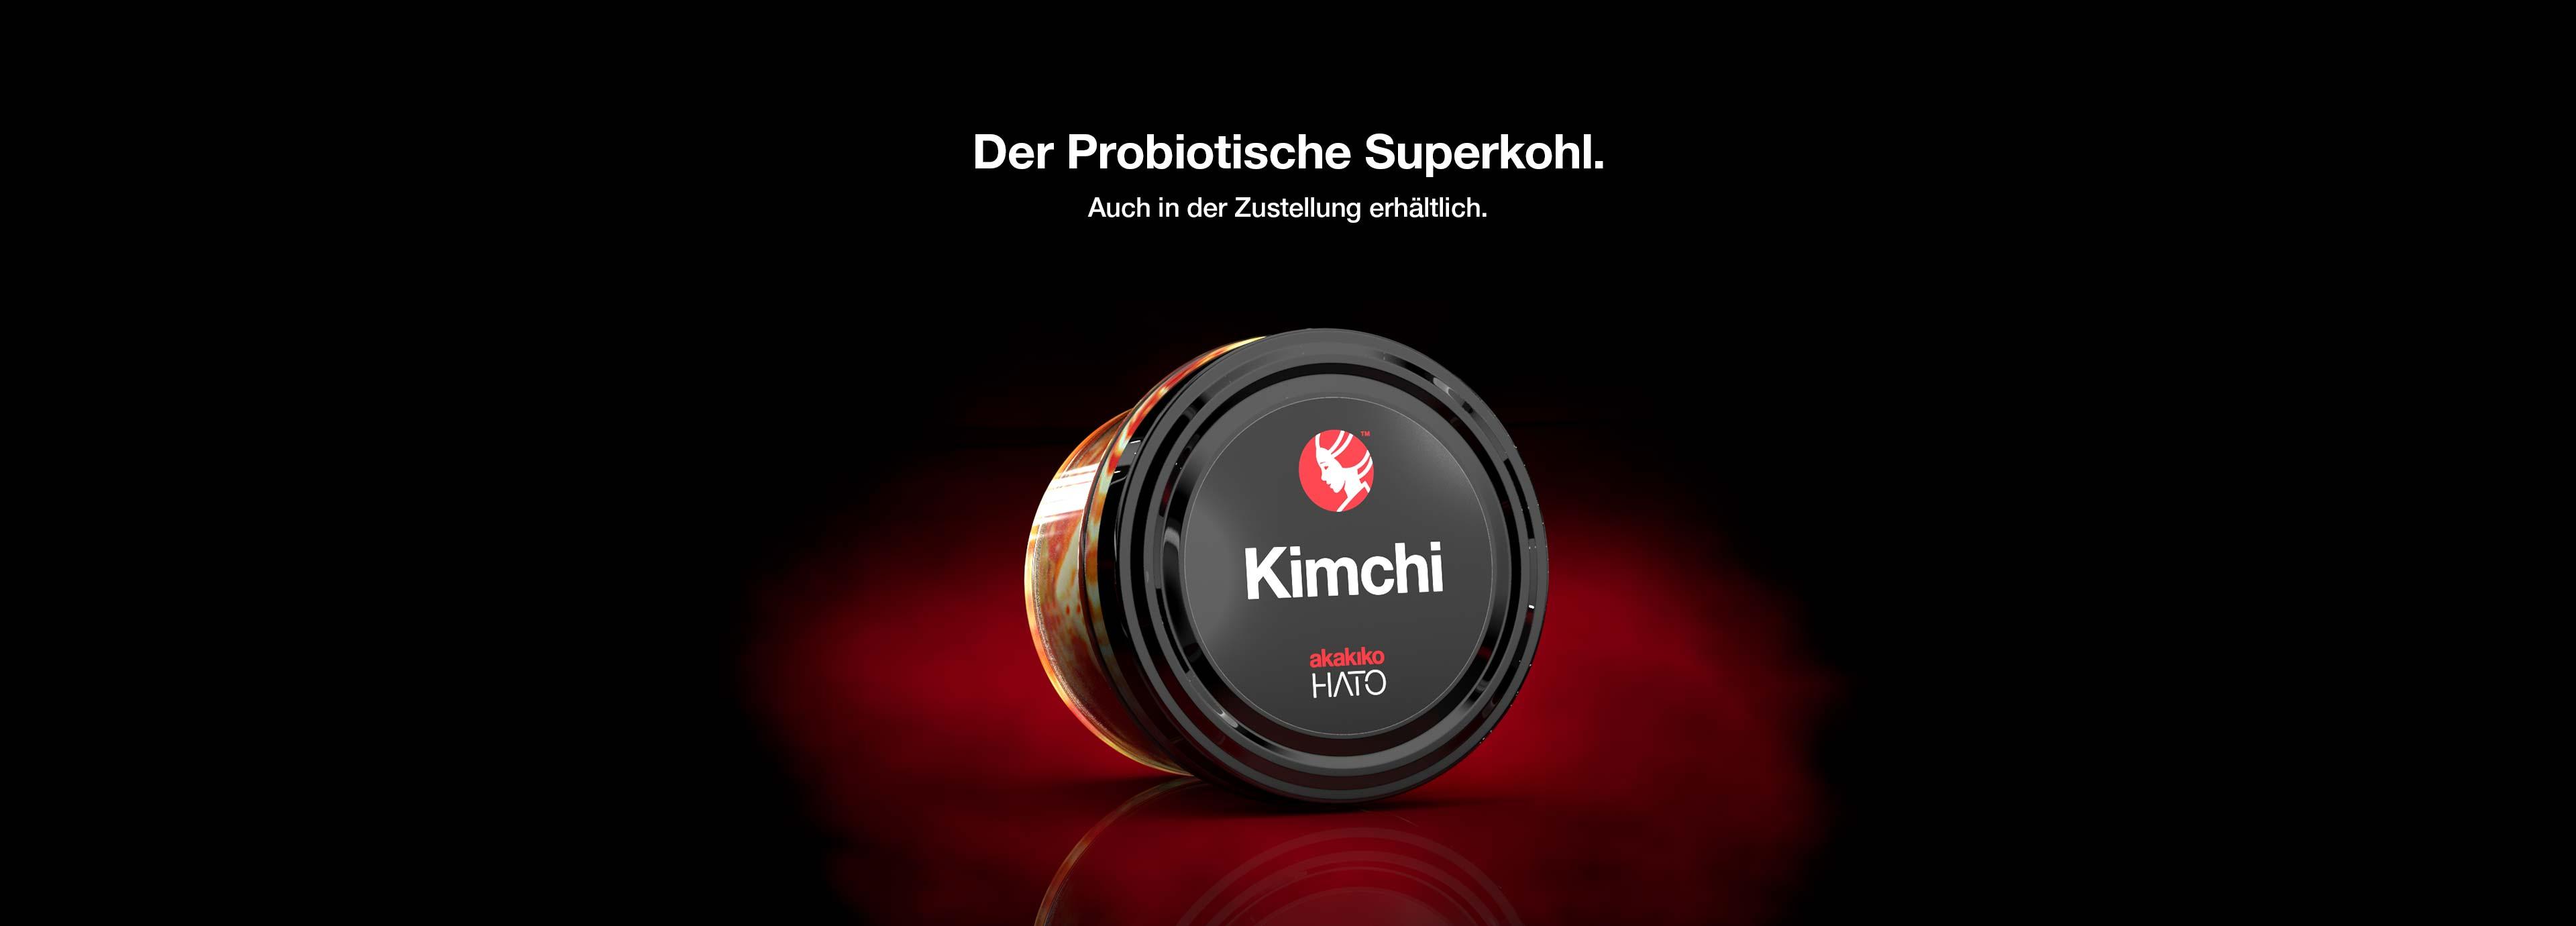 Neben dem köstlichen Geschmack liefert Kimchi auch probiotische Kulturen. Diese sorgen für eine gesunde Darmflora und stärken unsere Abwehrkräfte.